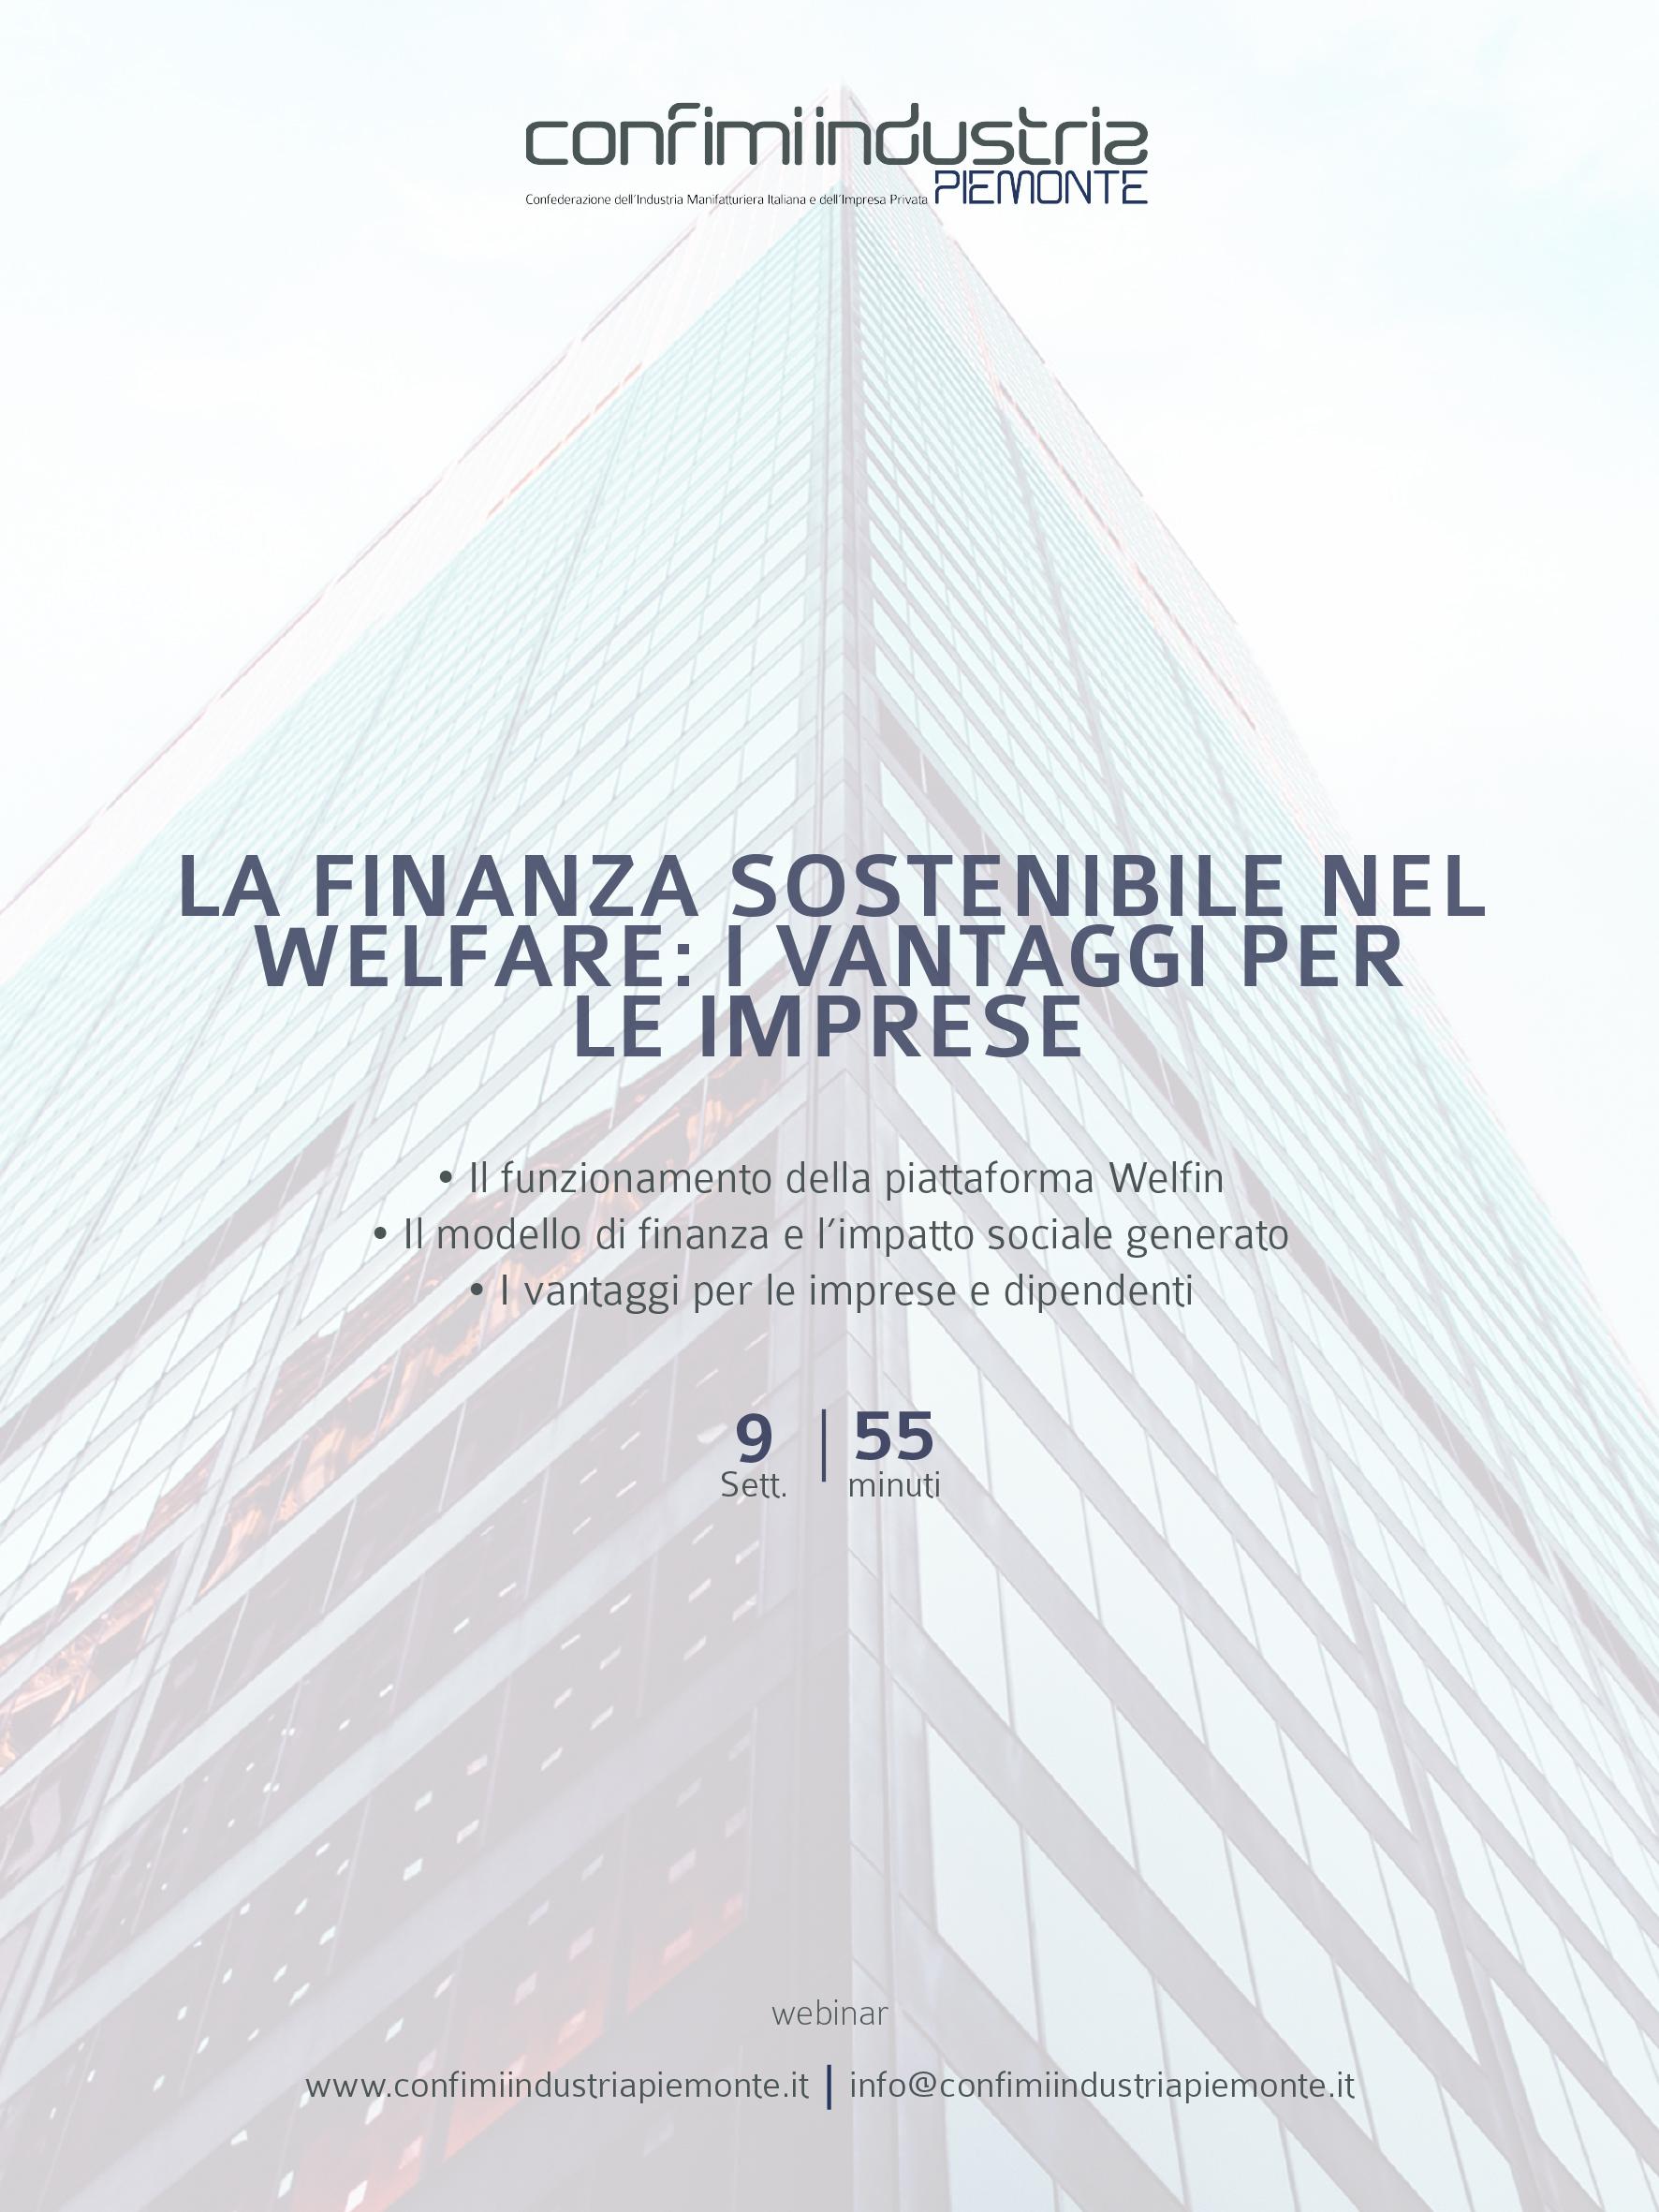 Flyer - La finanza sostenibile nel welfare